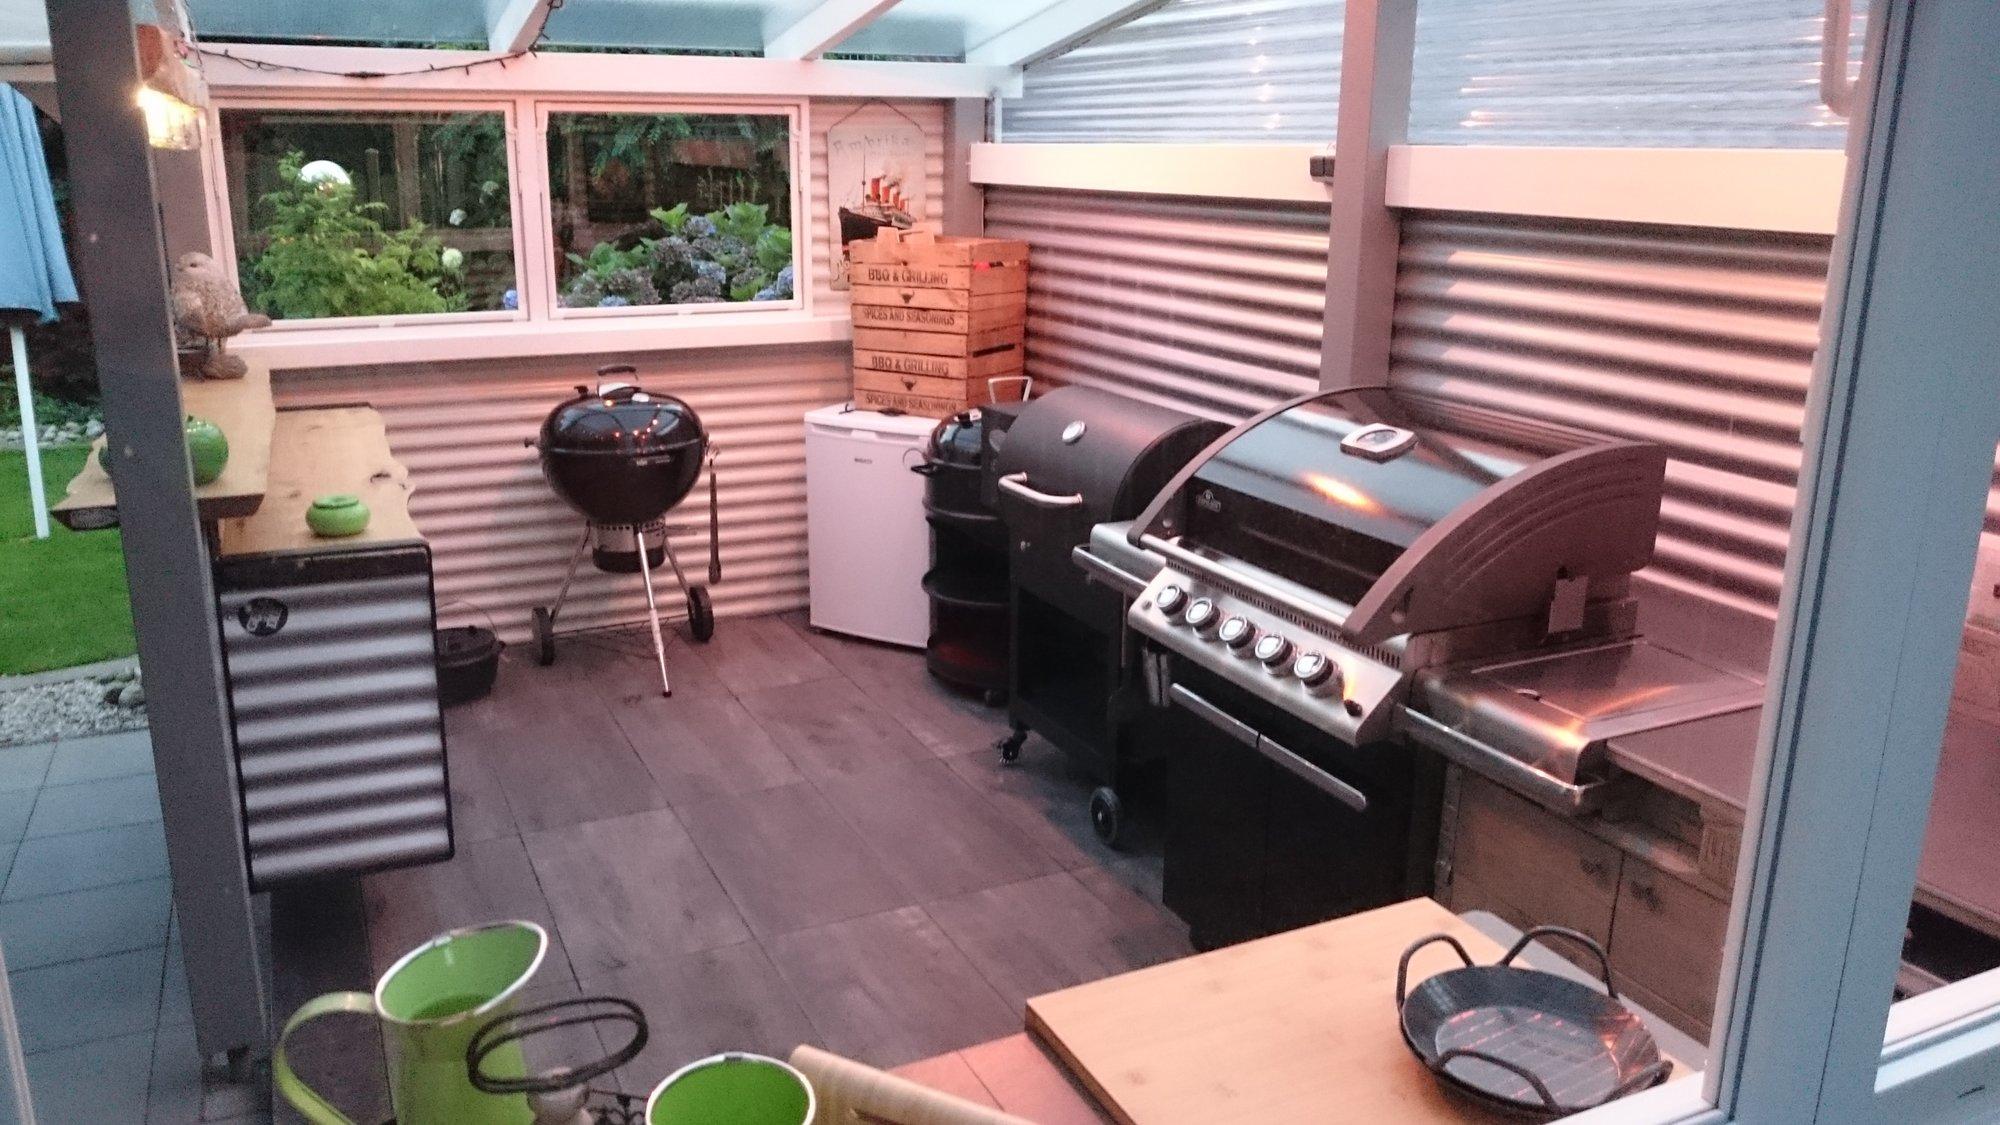 Außenküche Selber Bauen Grillsportverein : Außenküche selber bauen grillsportverein planung outdoorküche